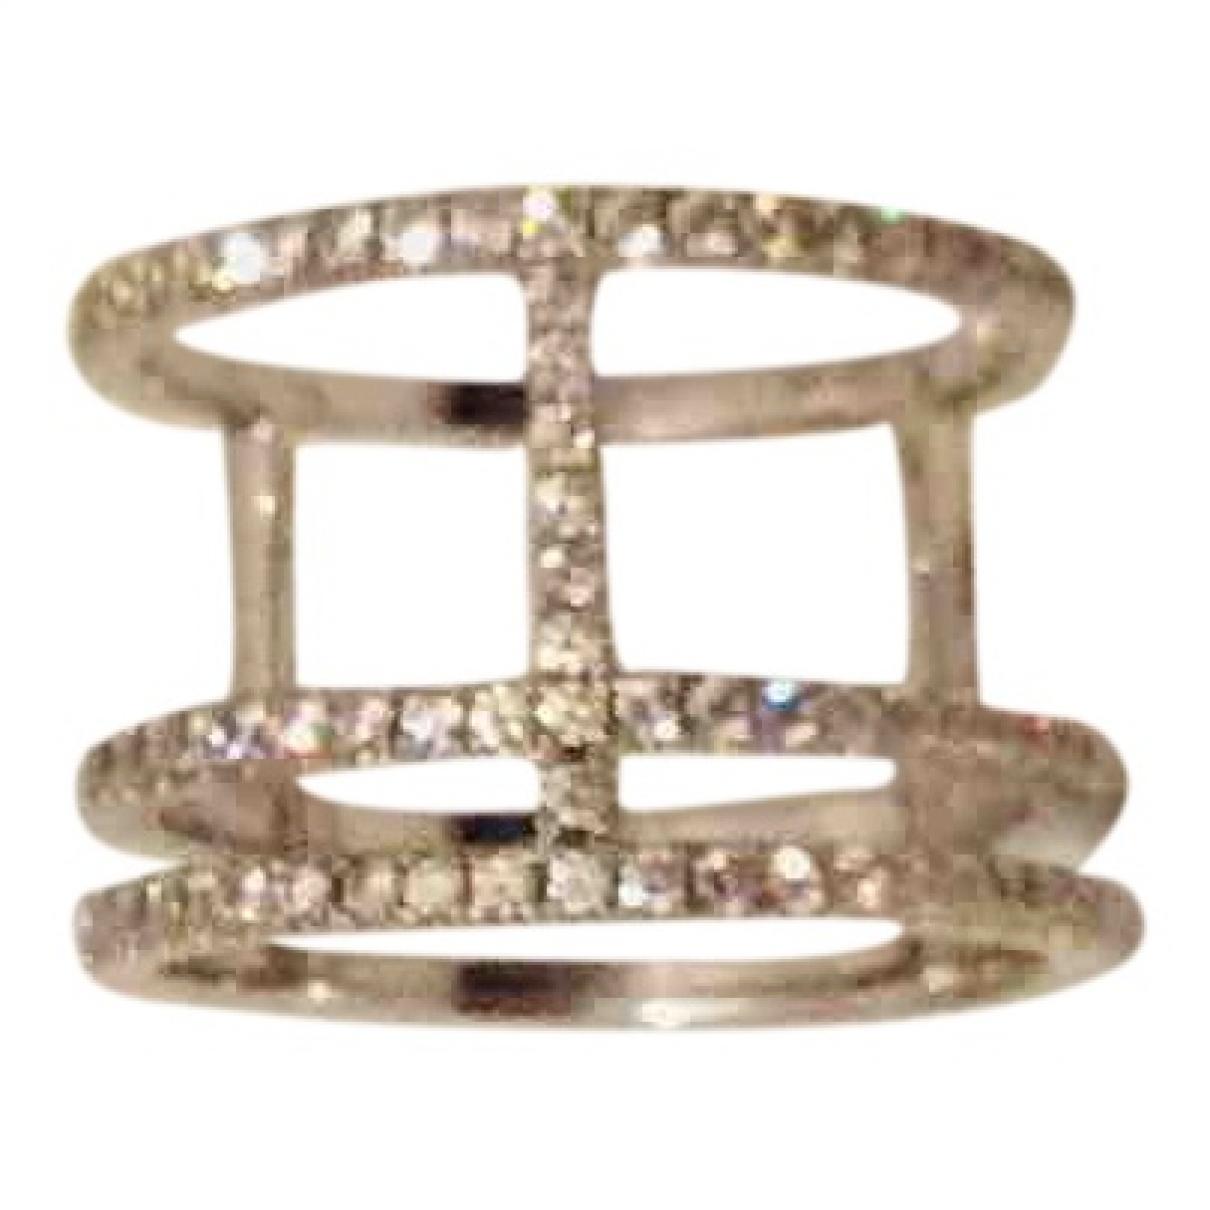 Apm Monaco \N Ring in  Grau Silber